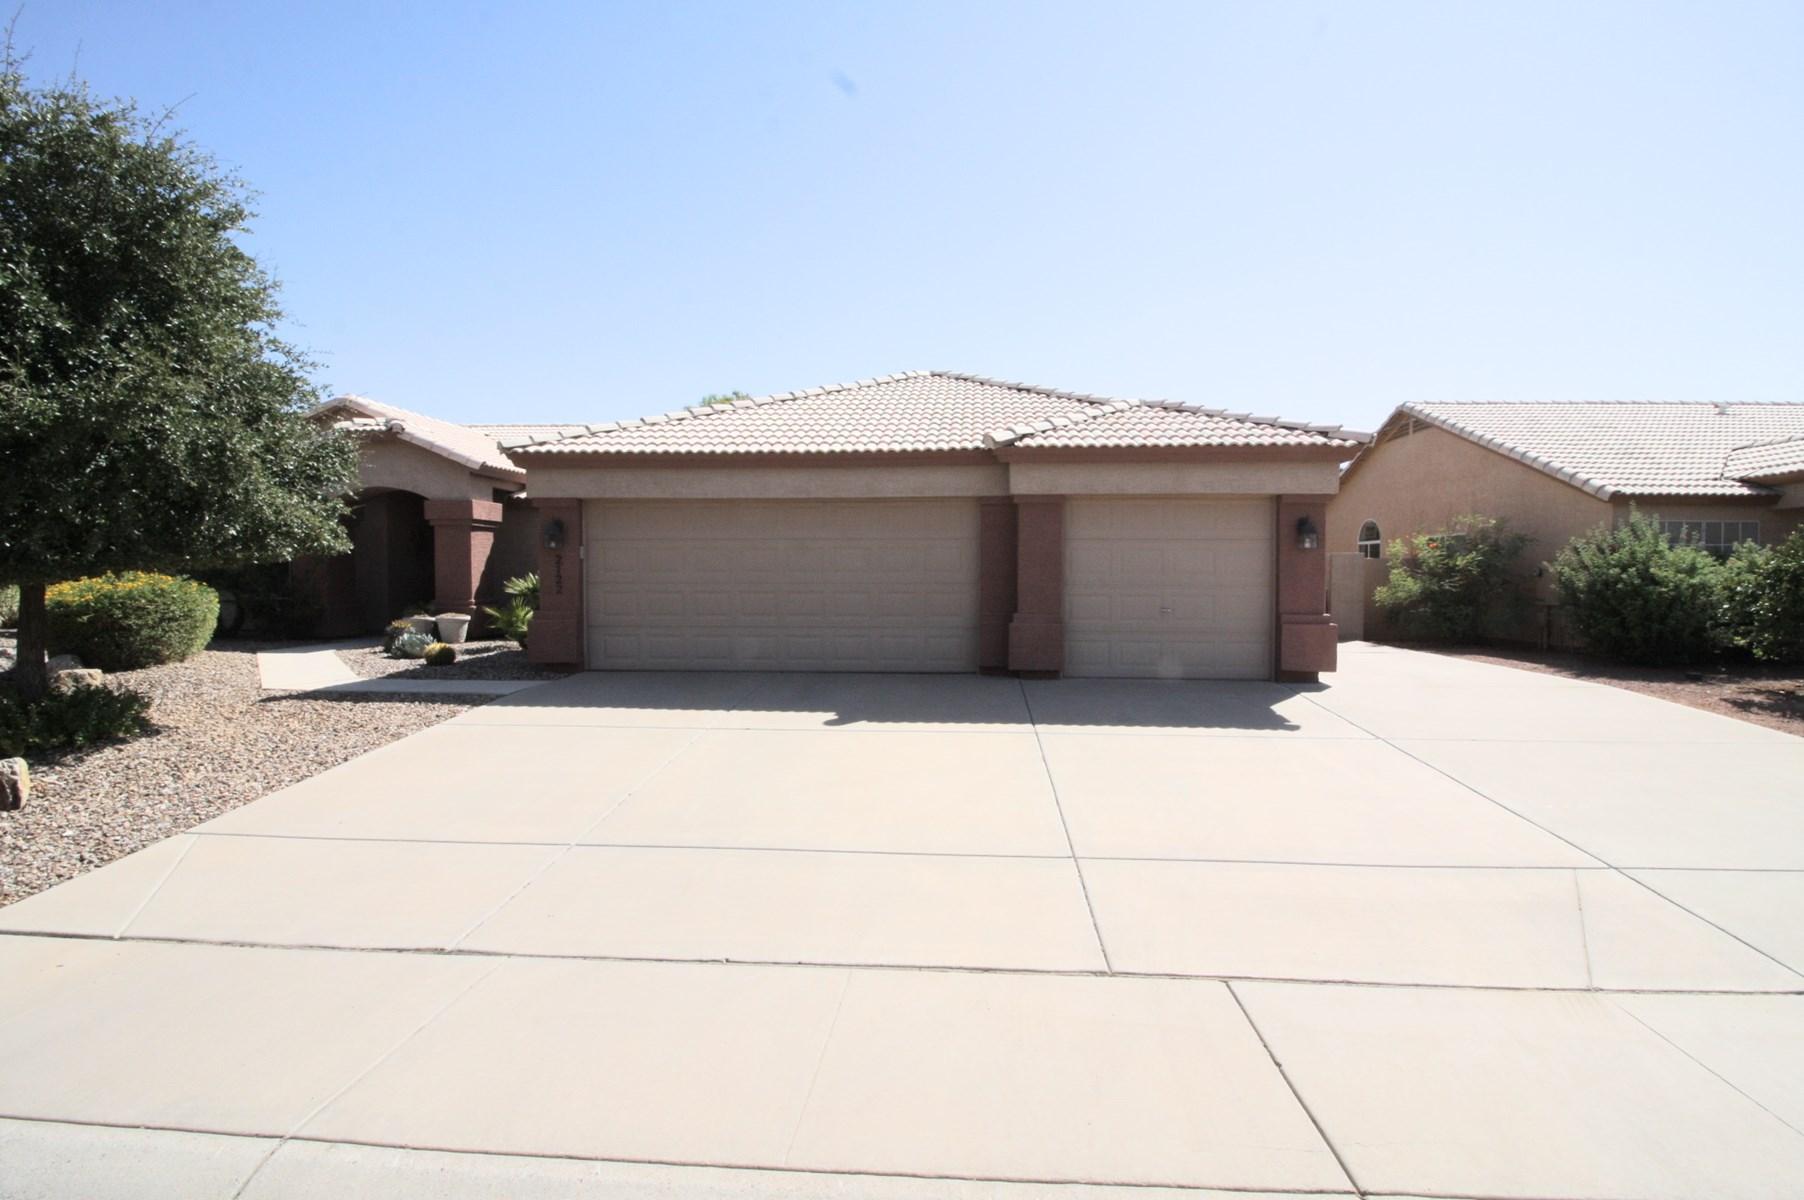 Custom  home for sale Casa Grande Arizona.Lake subdivision